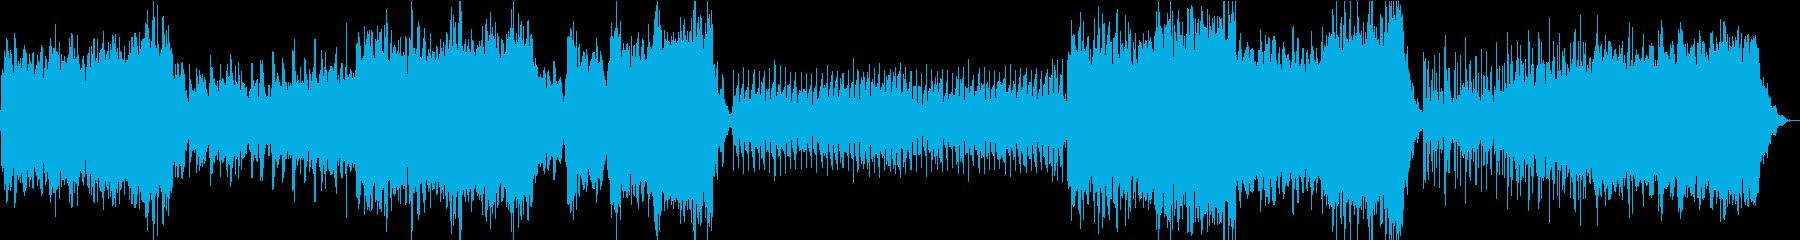 星空のアンビエントBGMの再生済みの波形